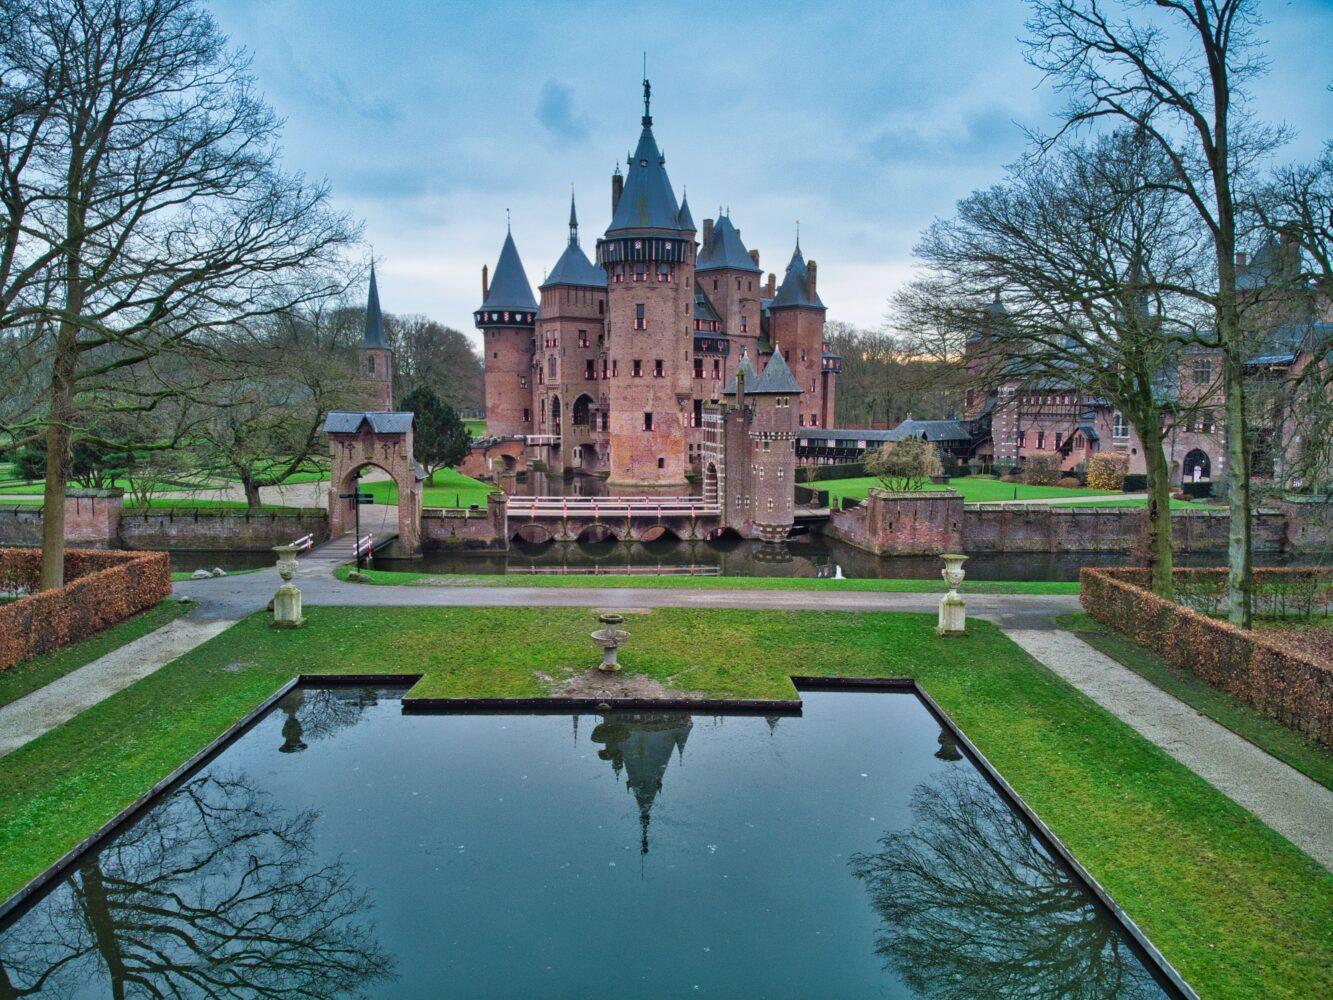 Het Gezinsleven - Uitstapjes - Bezienswaardigheden - Bezoek aan Kasteel de Haar in Utrecht - De vijver met op de achtergrond het kasteel